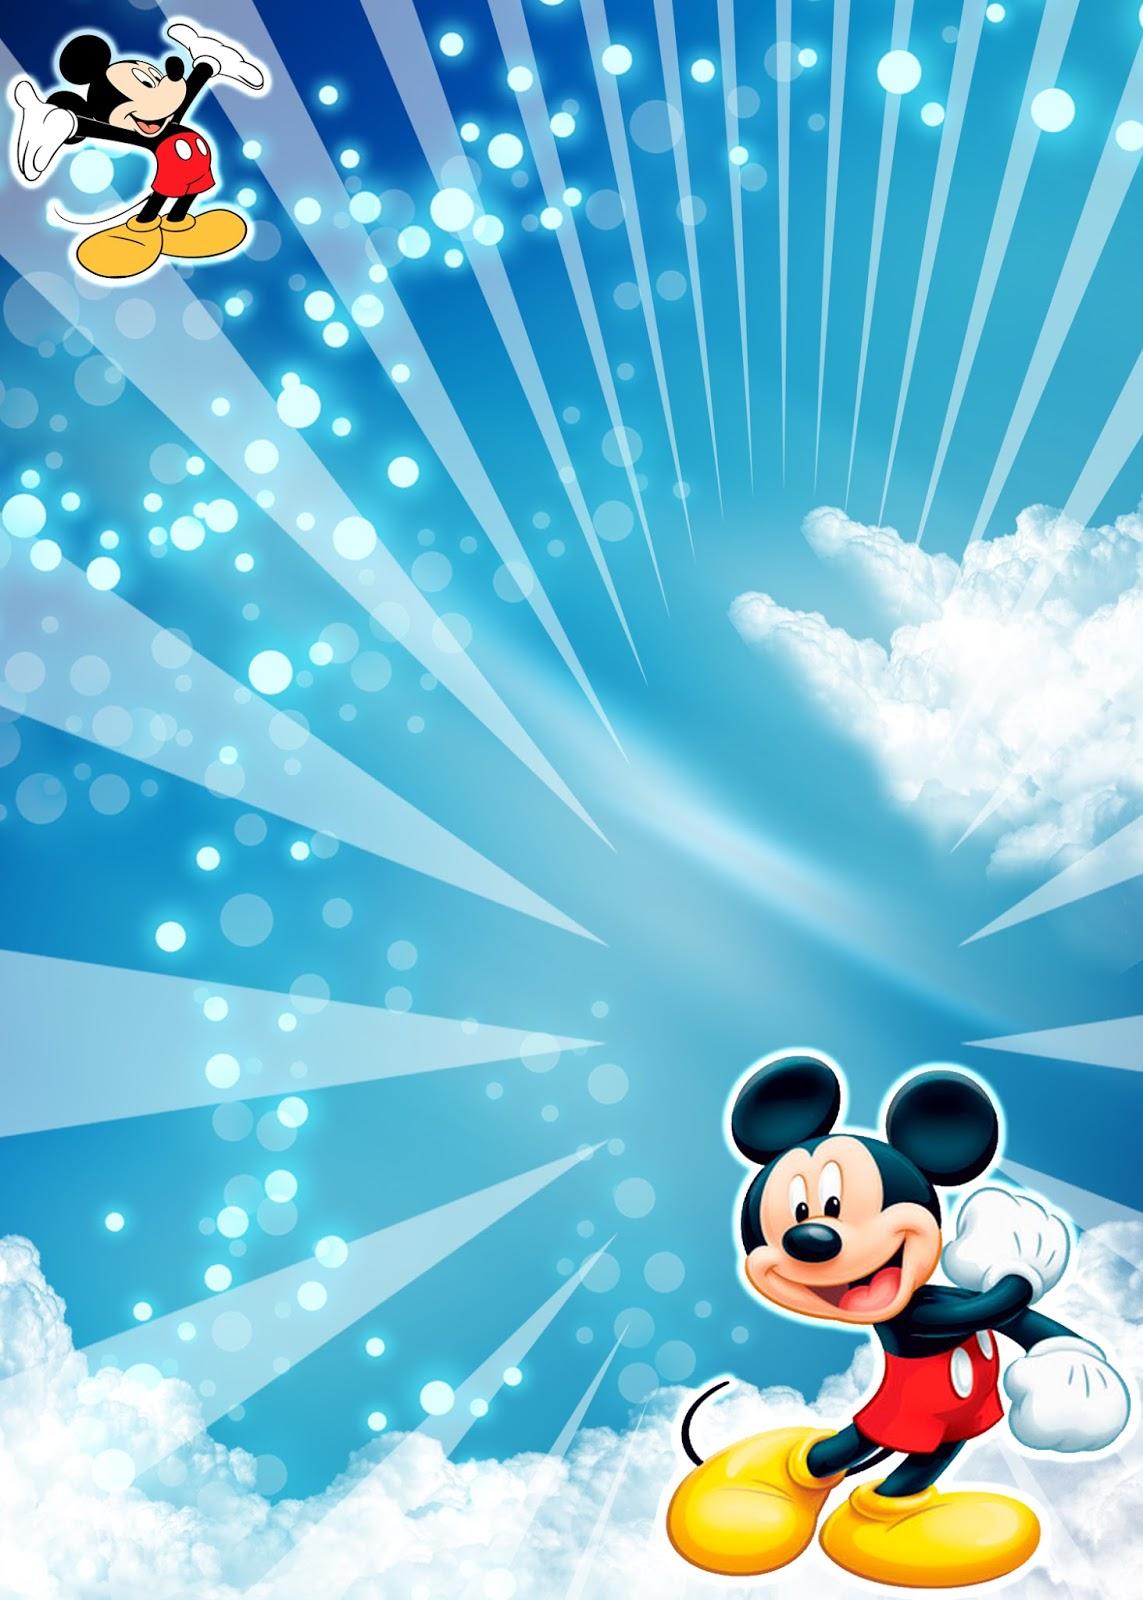 ¡Descarga Gratis! Invitación para Cumpleaños de Mickey Mouse | Artes DaVinci - Ideas con Estilo